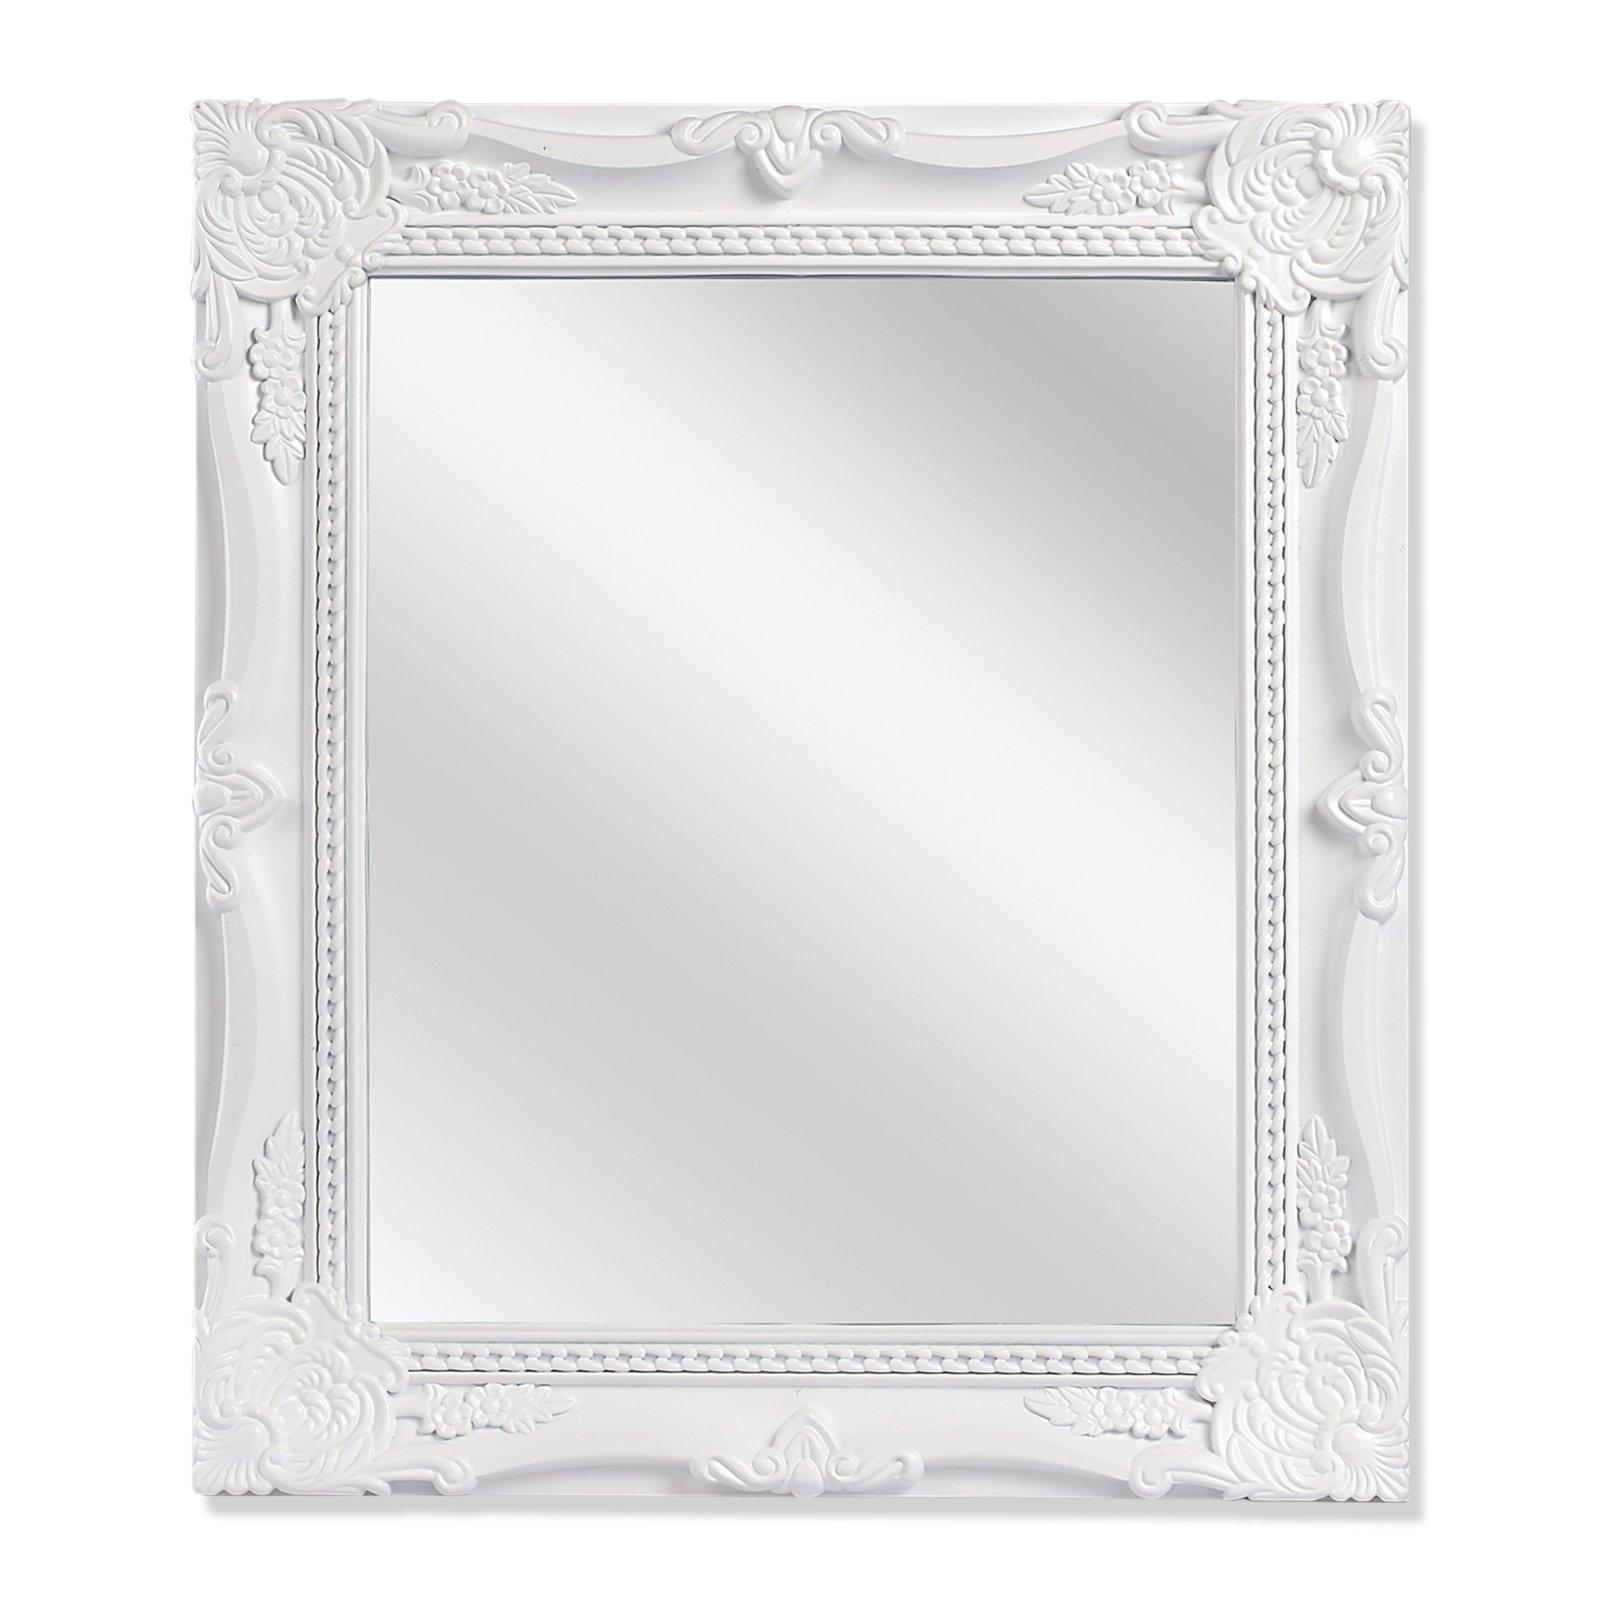 spiegel verona wei 34x39 cm online bei roller kaufen. Black Bedroom Furniture Sets. Home Design Ideas